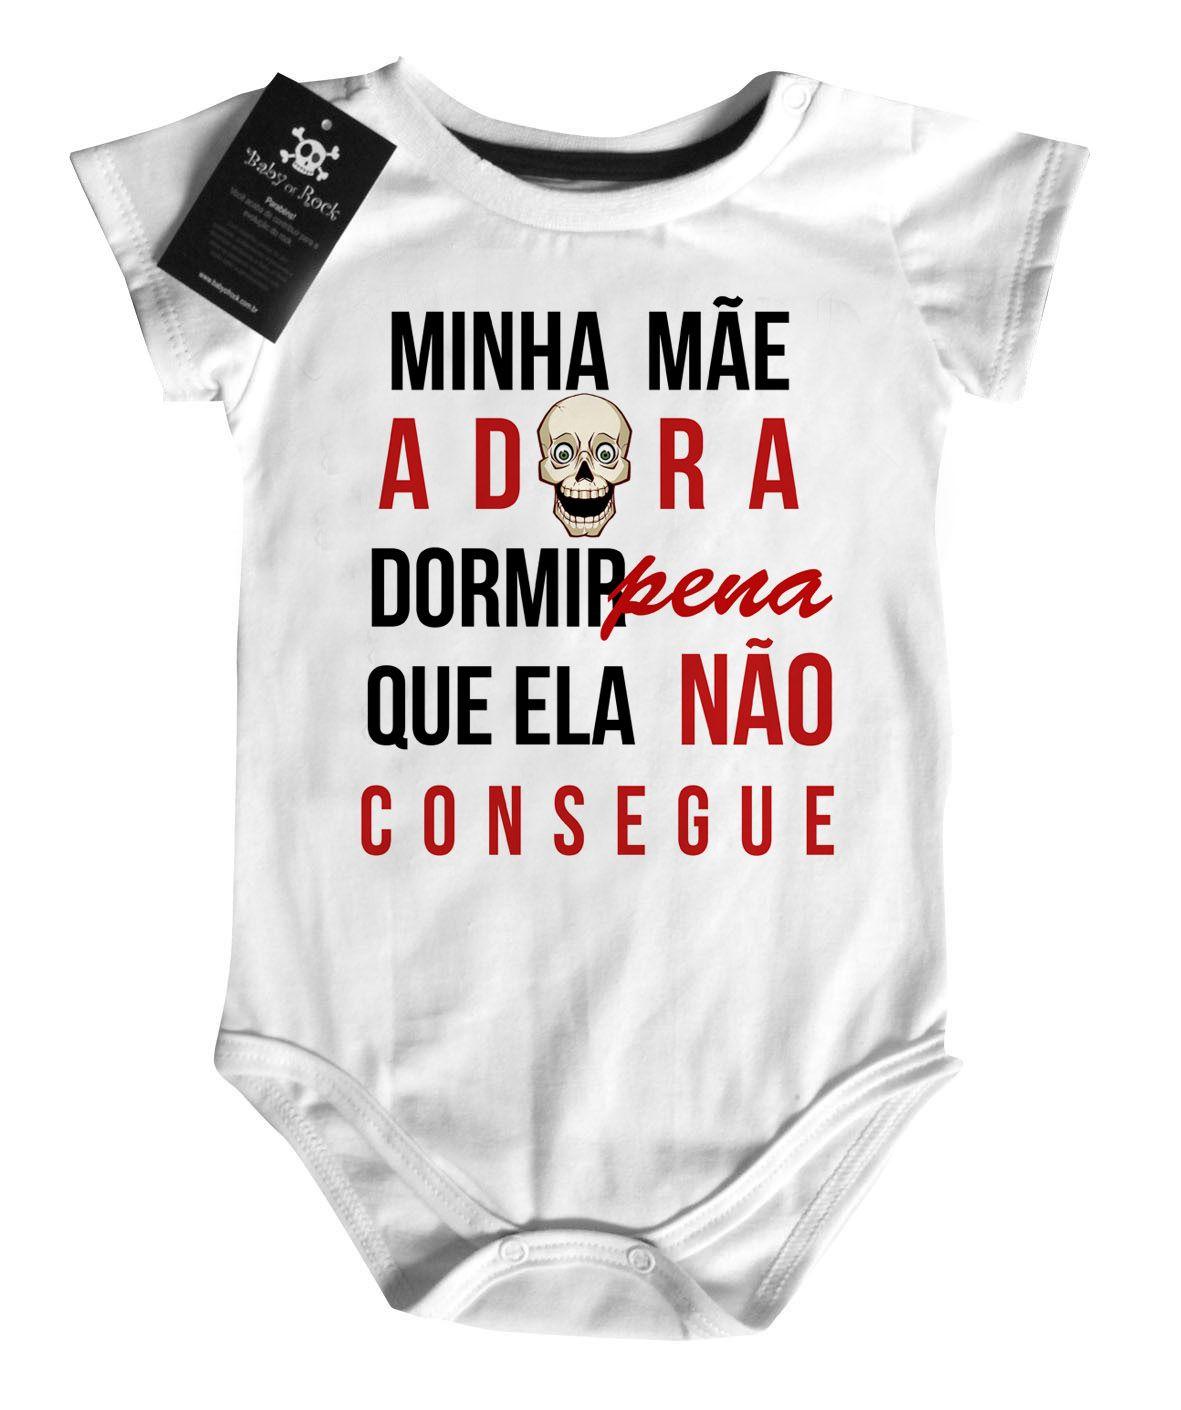 Body Divertido Bebê - Minha Mãe adora Dormir - White  - Baby Monster S/A